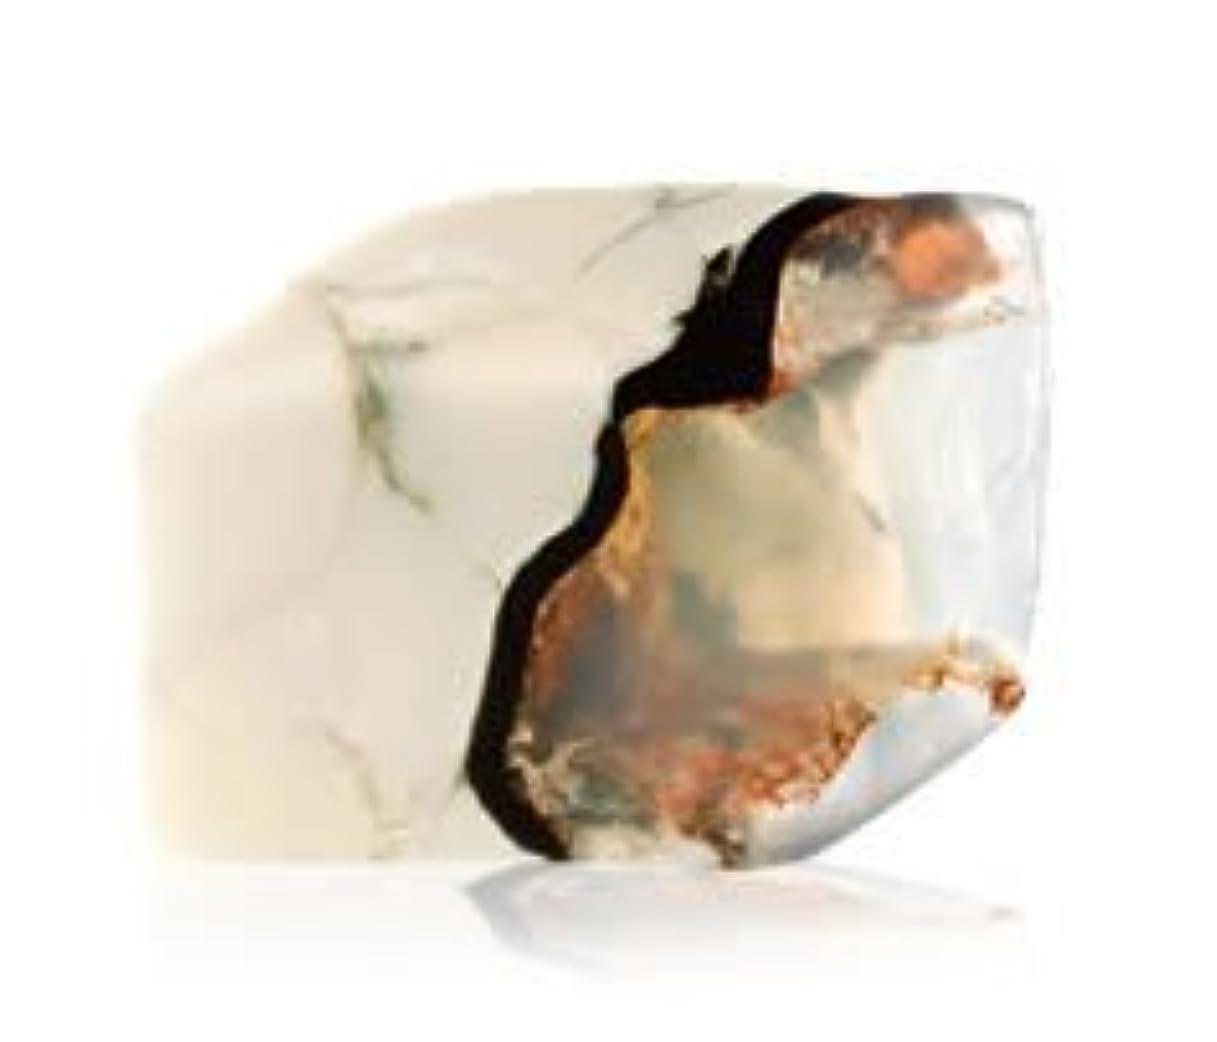 ウイルス品種痛いSavons Gemme サボンジェム 世界で一番美しい宝石石鹸 フレグランスソープ マーブル 170g